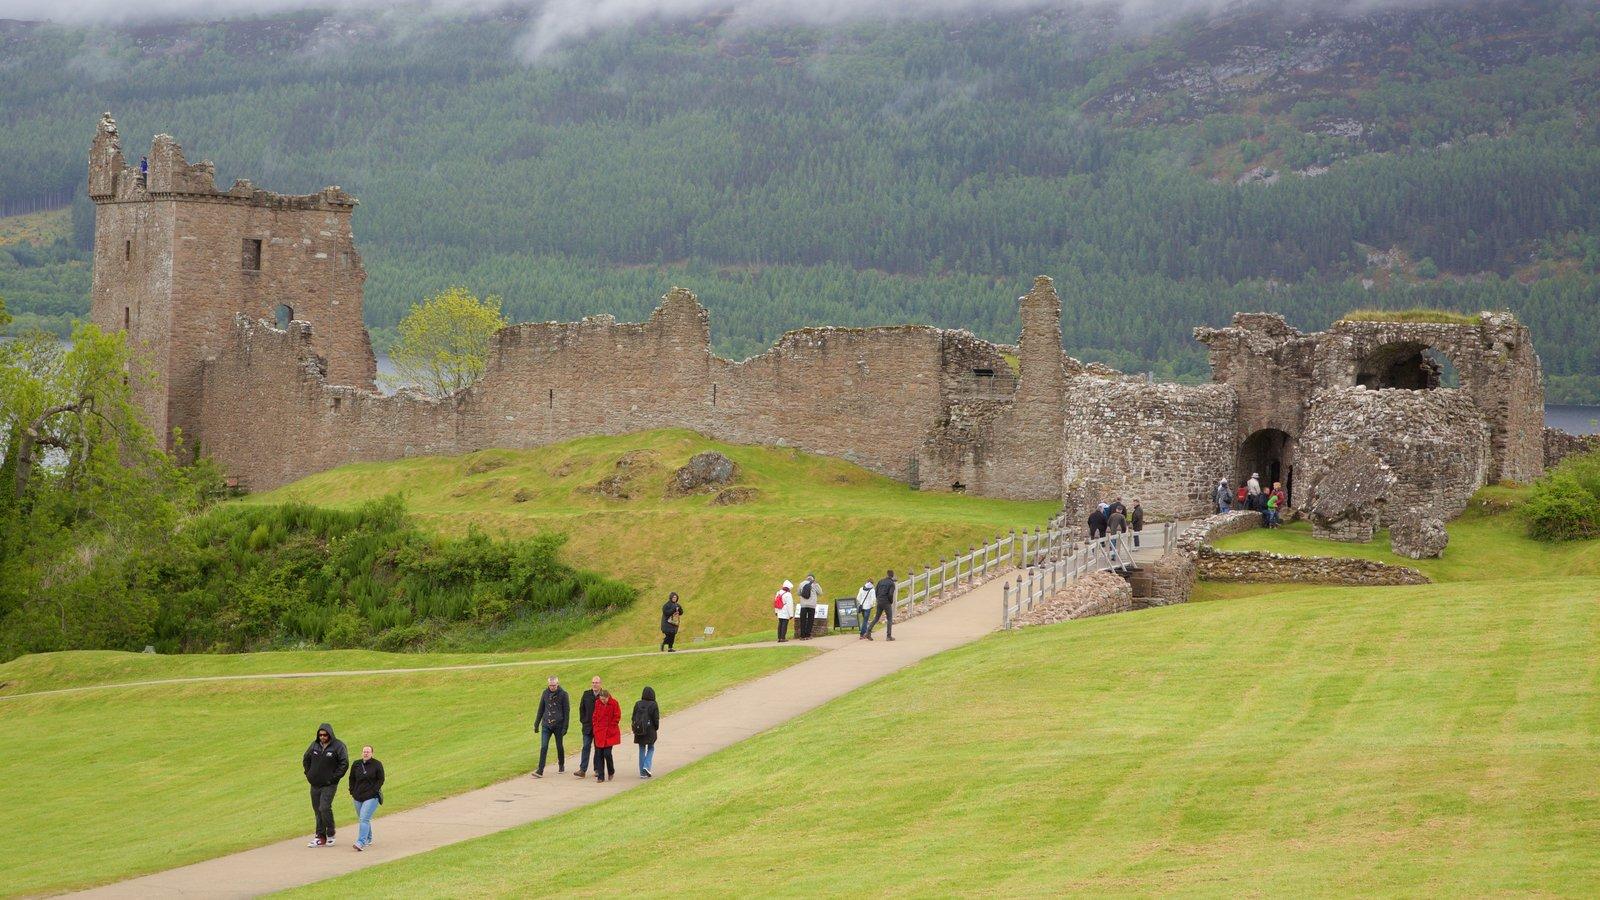 Castillo de Urquhart mostrando ruinas de edificios, elementos del patrimonio y castillo o palacio